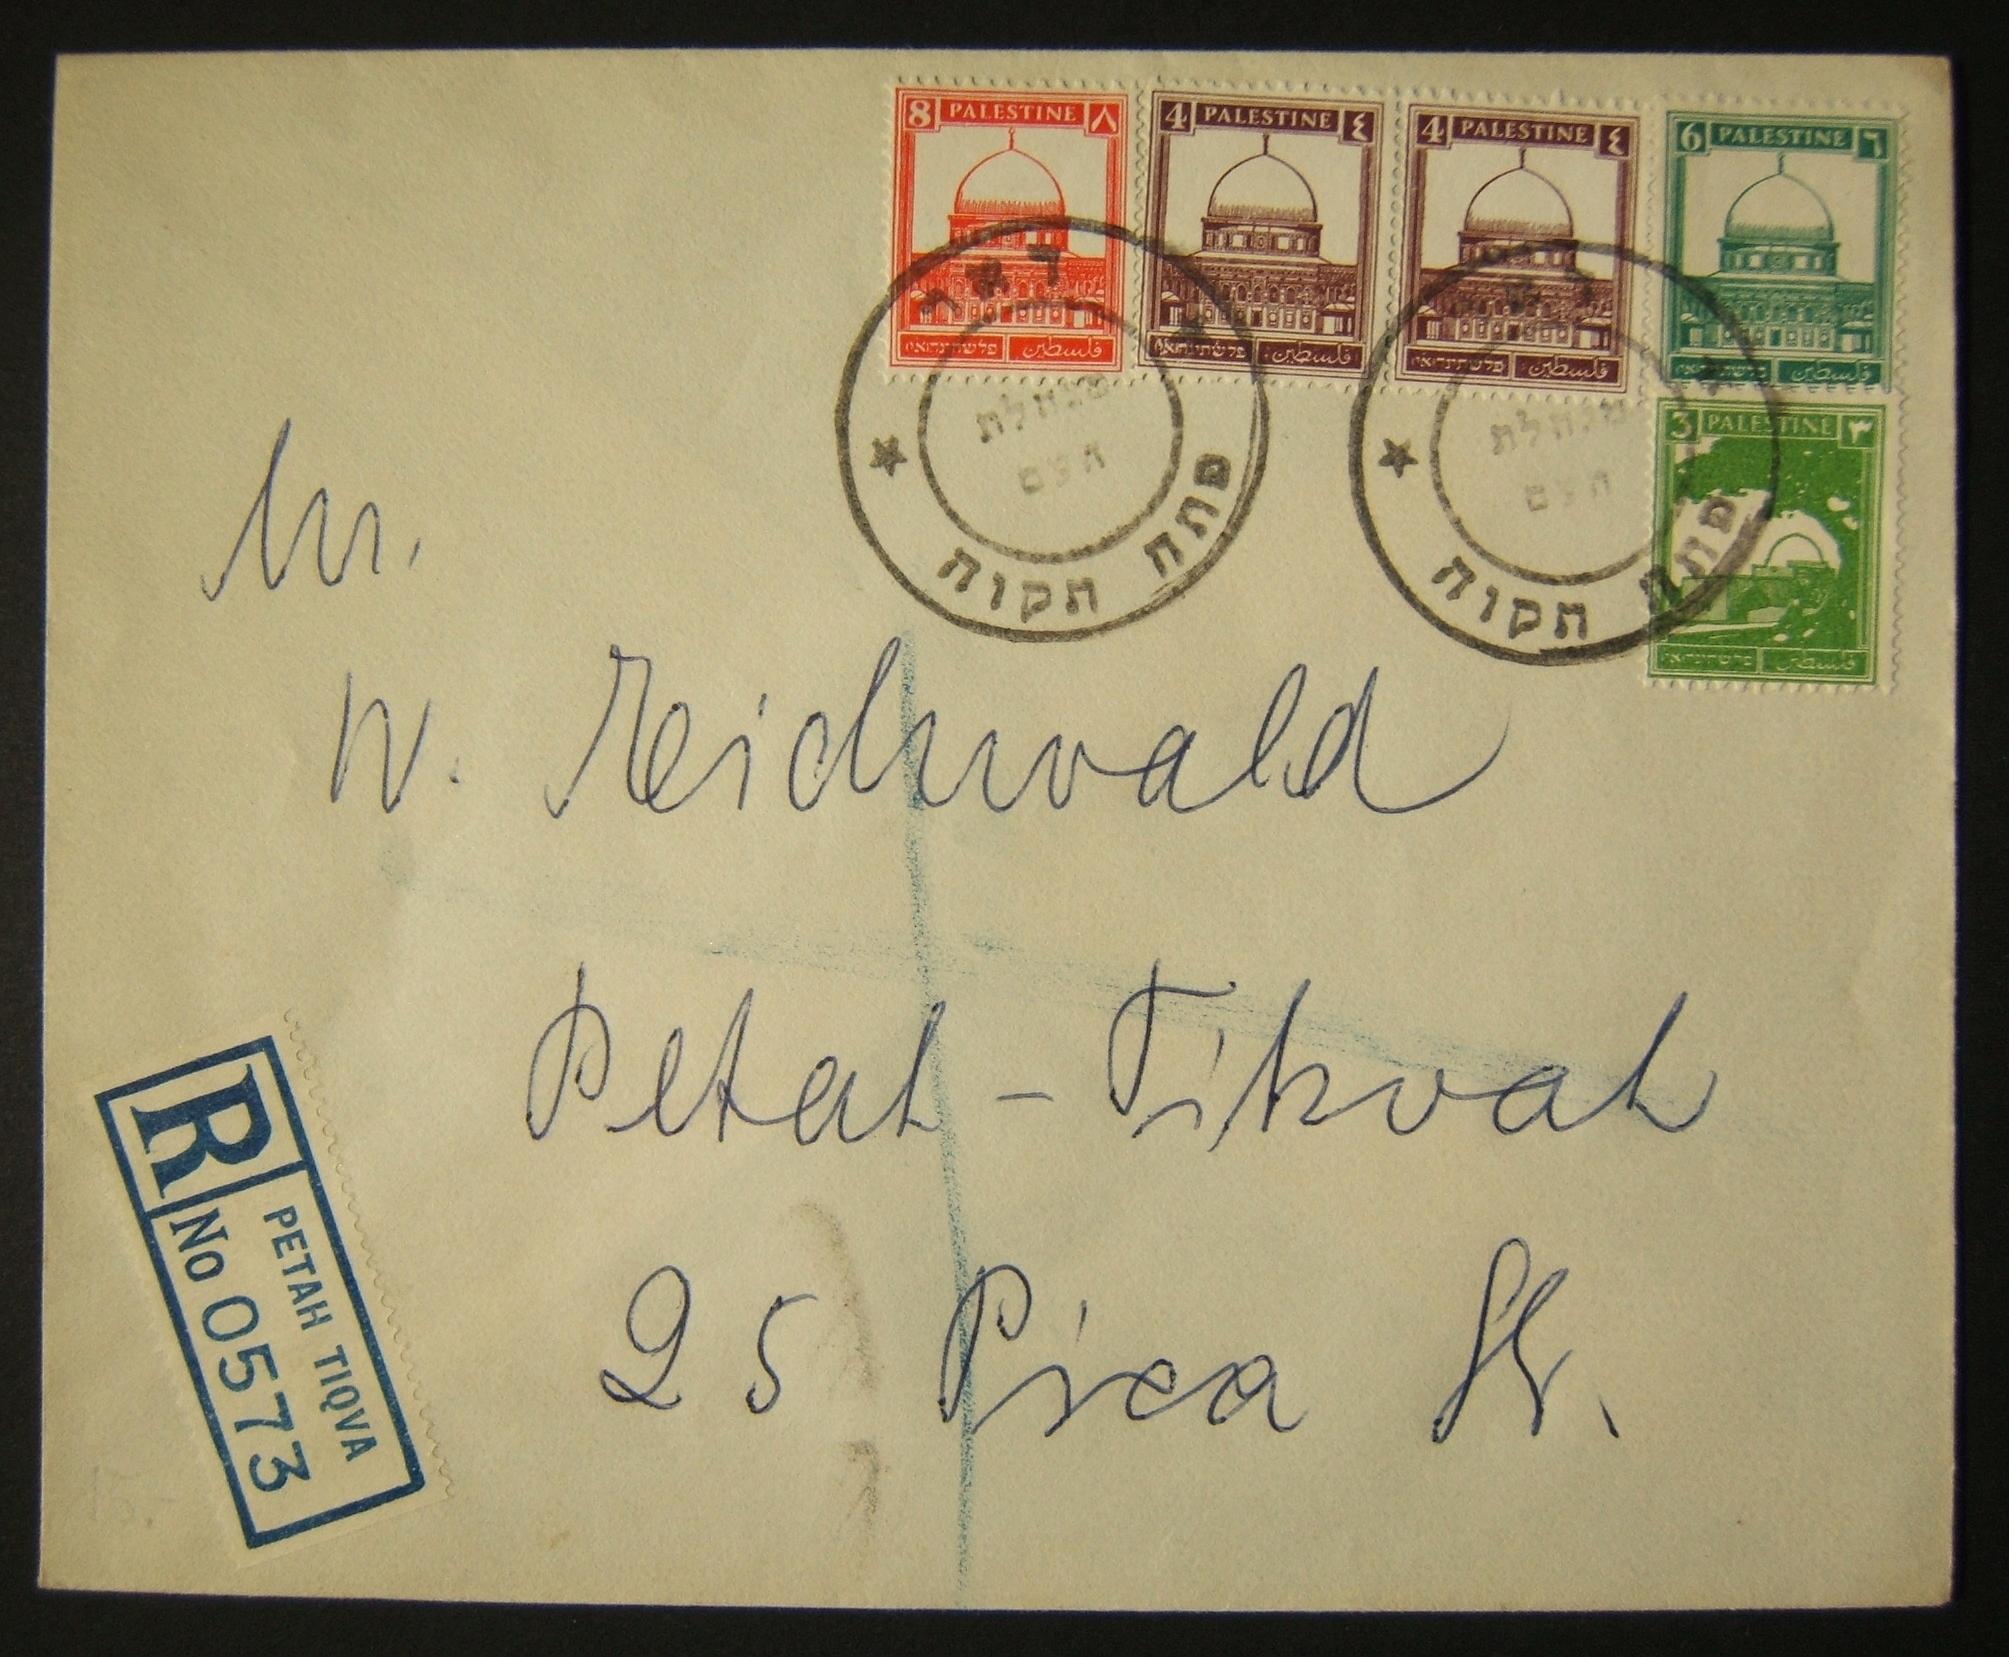 1948 Örtliche inländische Post: Anfang Mai örtlich Petach TIQVA Einschreiben an Werner Eichwald (PT Stellvertreter Postmaster) frankiert 25m in Porto-Periode (10mBrief + 15m Einsch